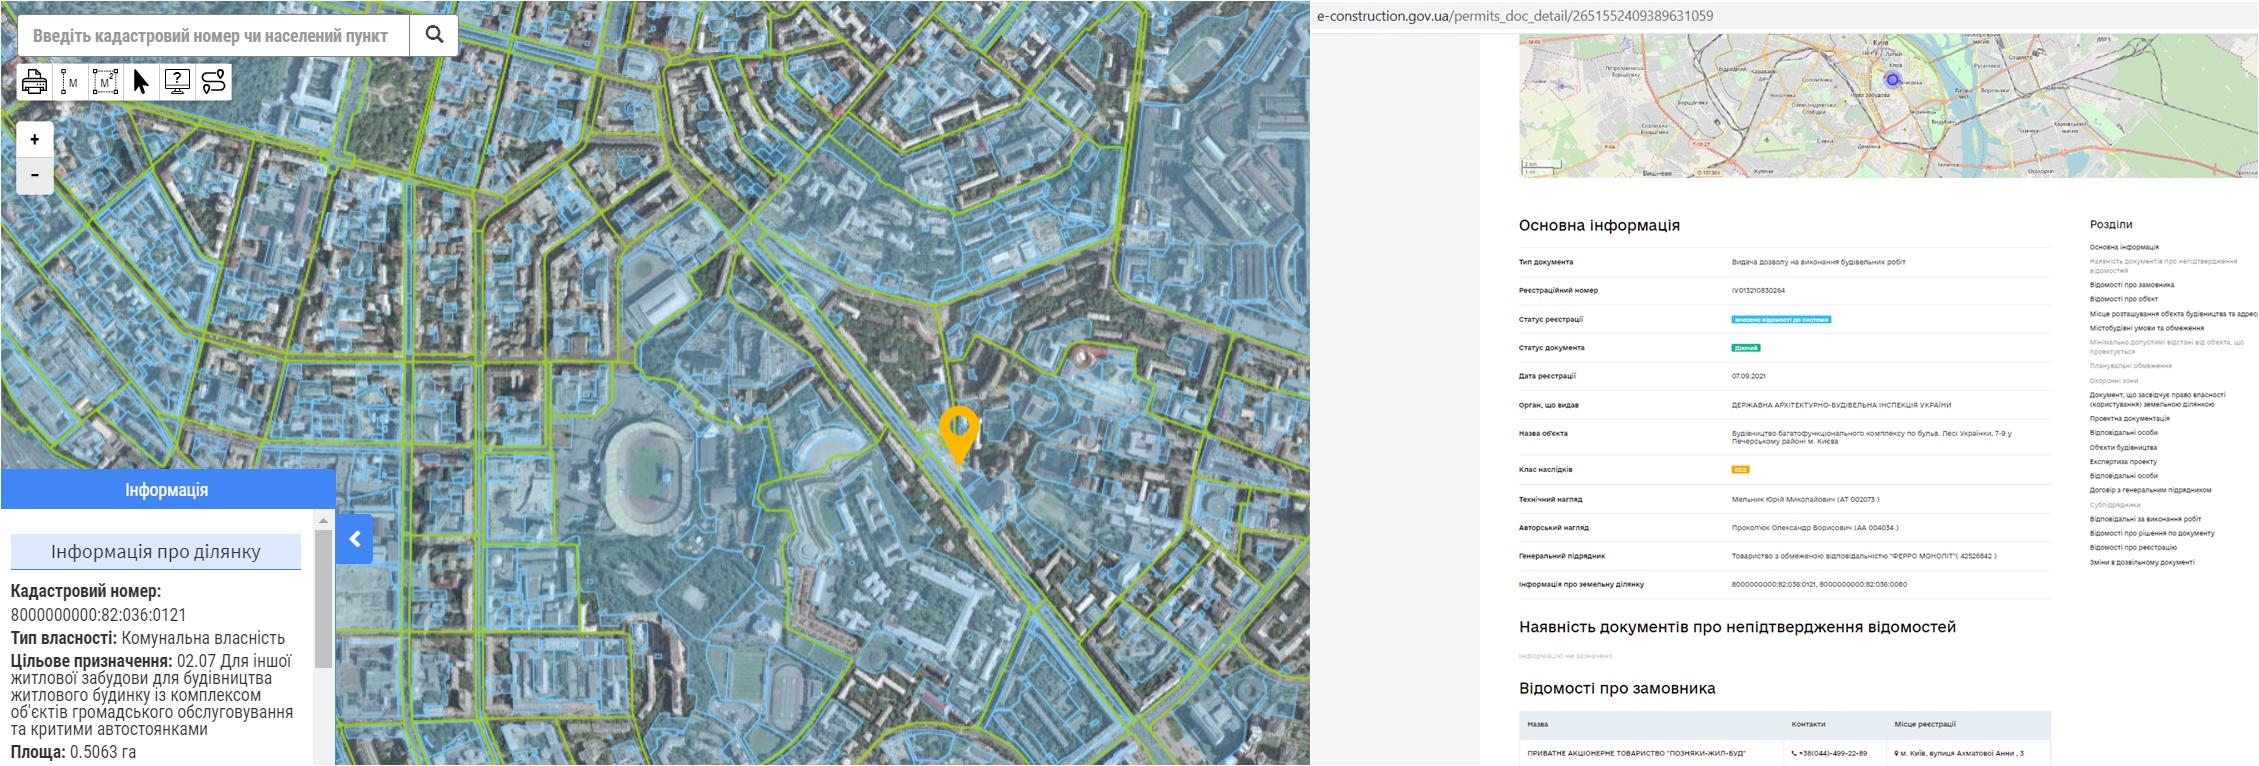 Проект многофункционального ЖК на бульваре Леси Украинки, 7-9 данные кадастра и Разрешение в реестре